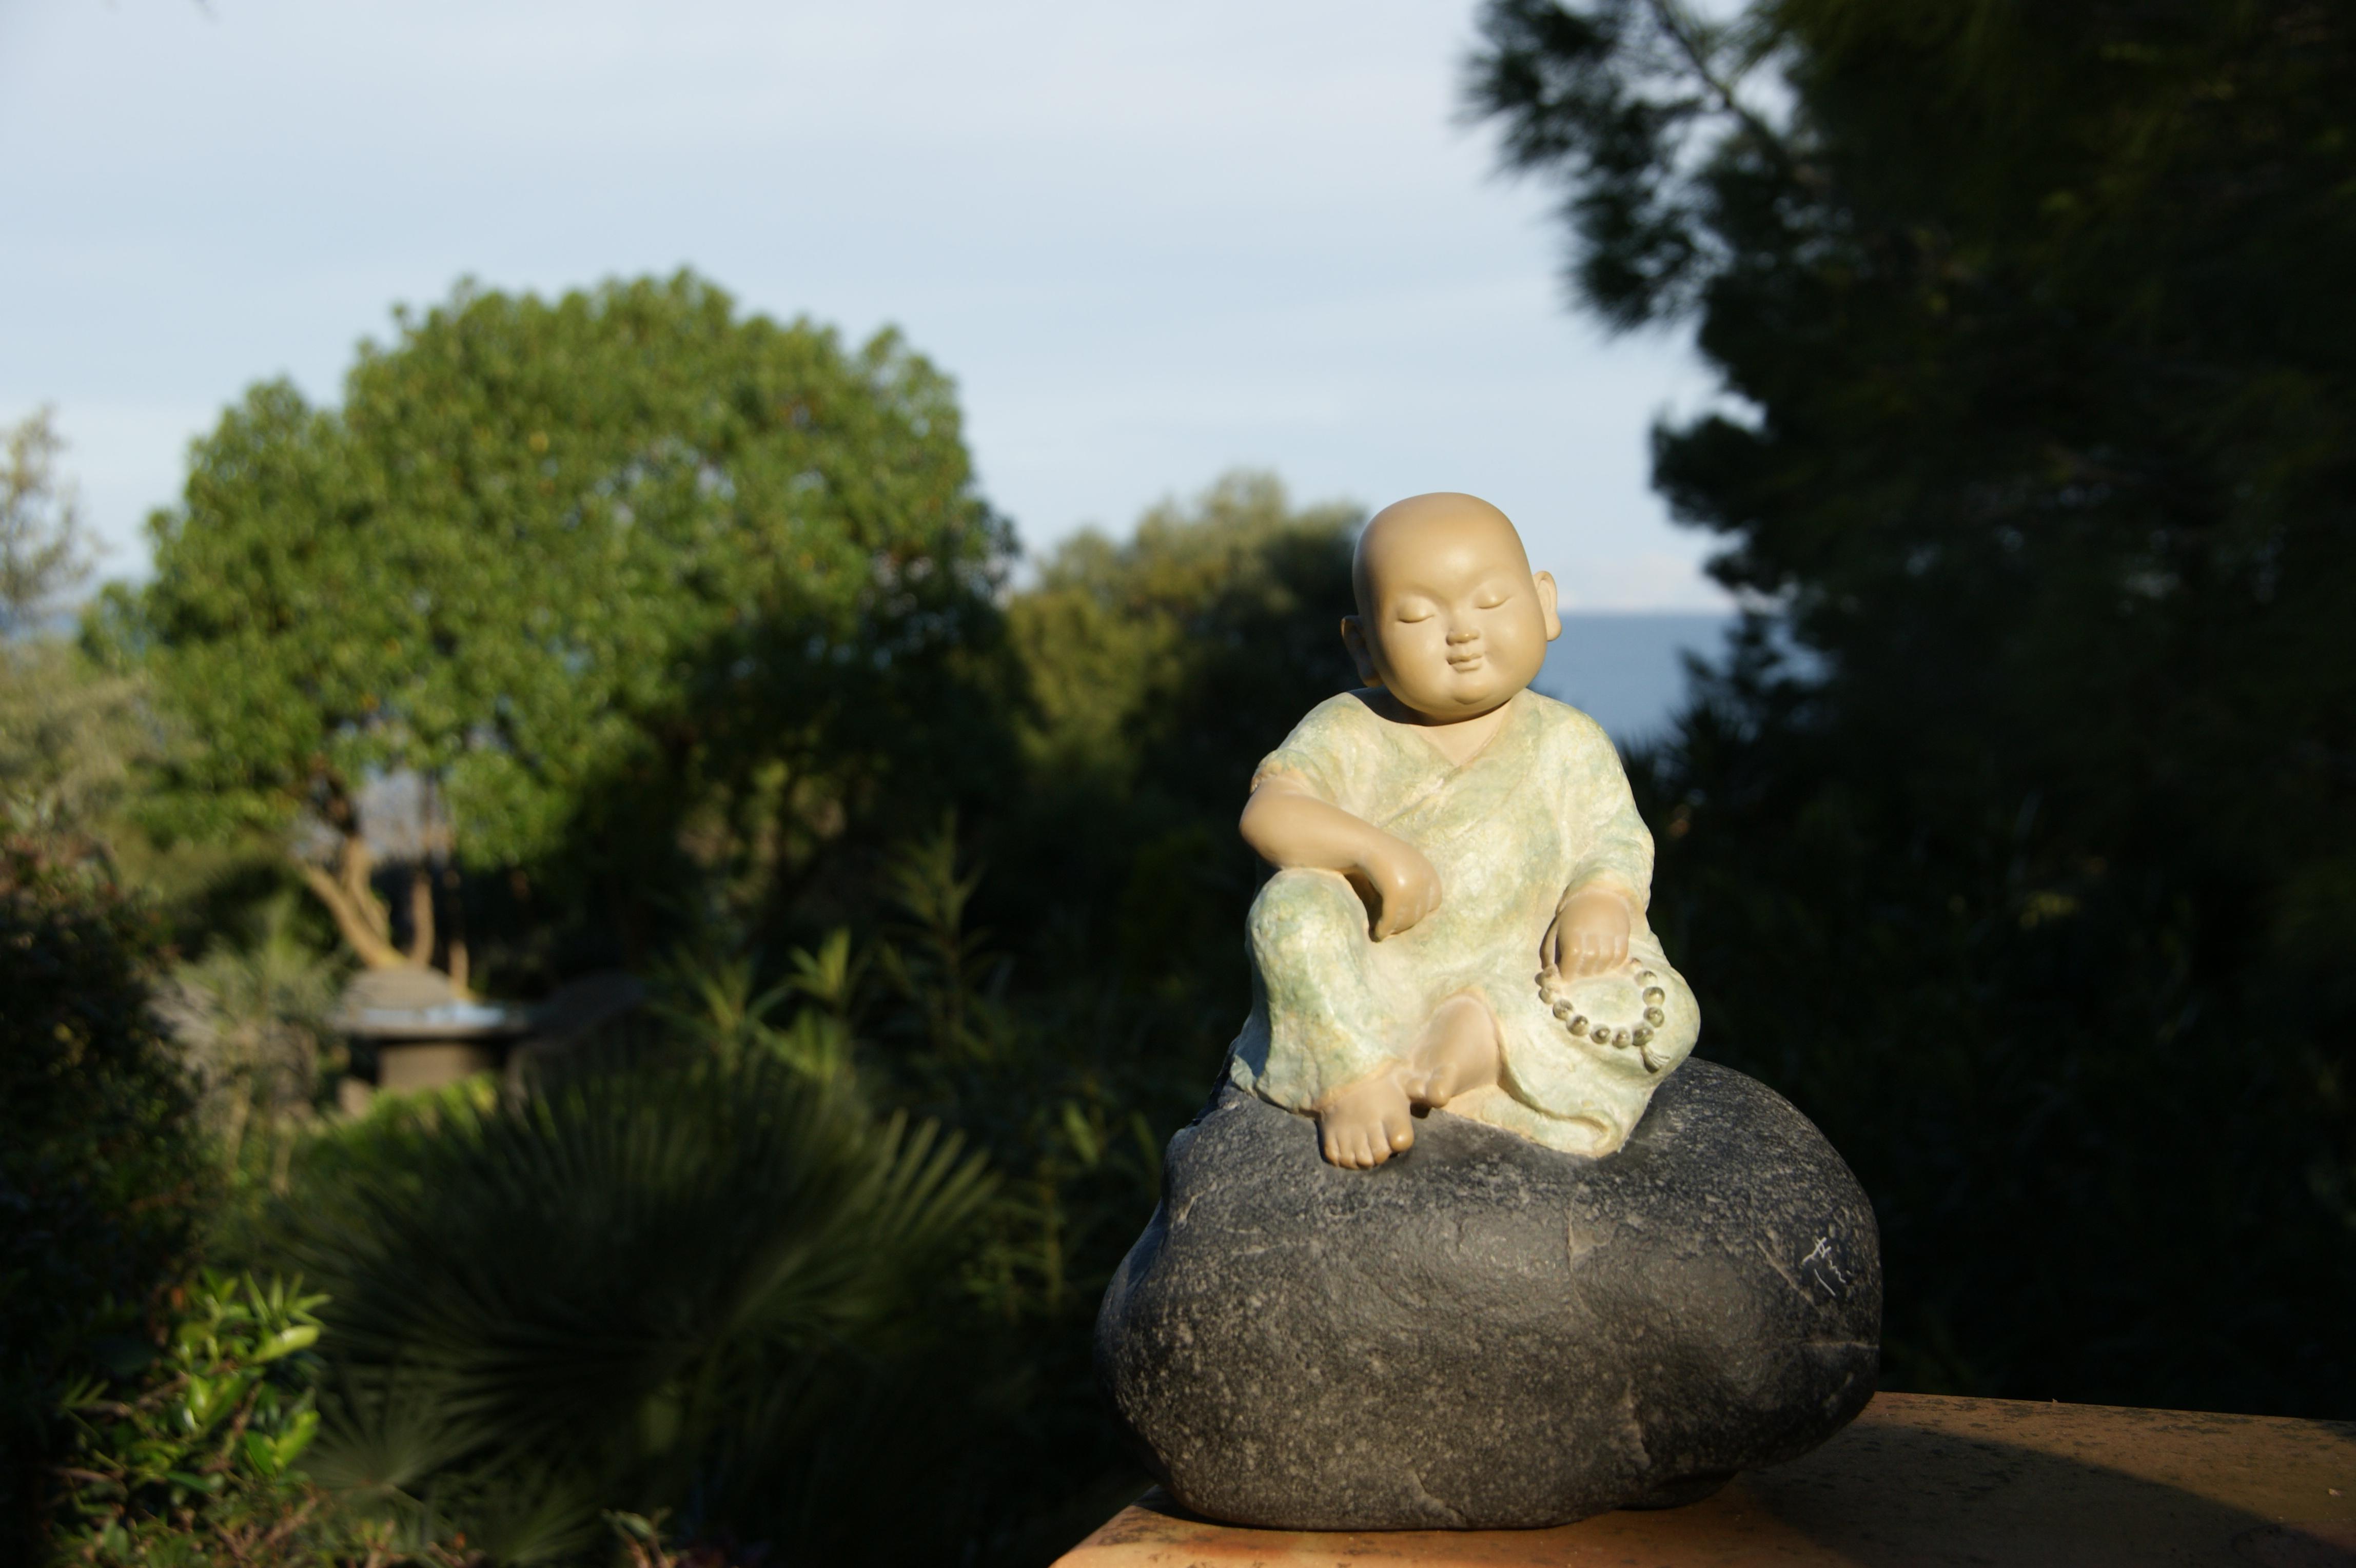 innere Einkehr / inner retreat